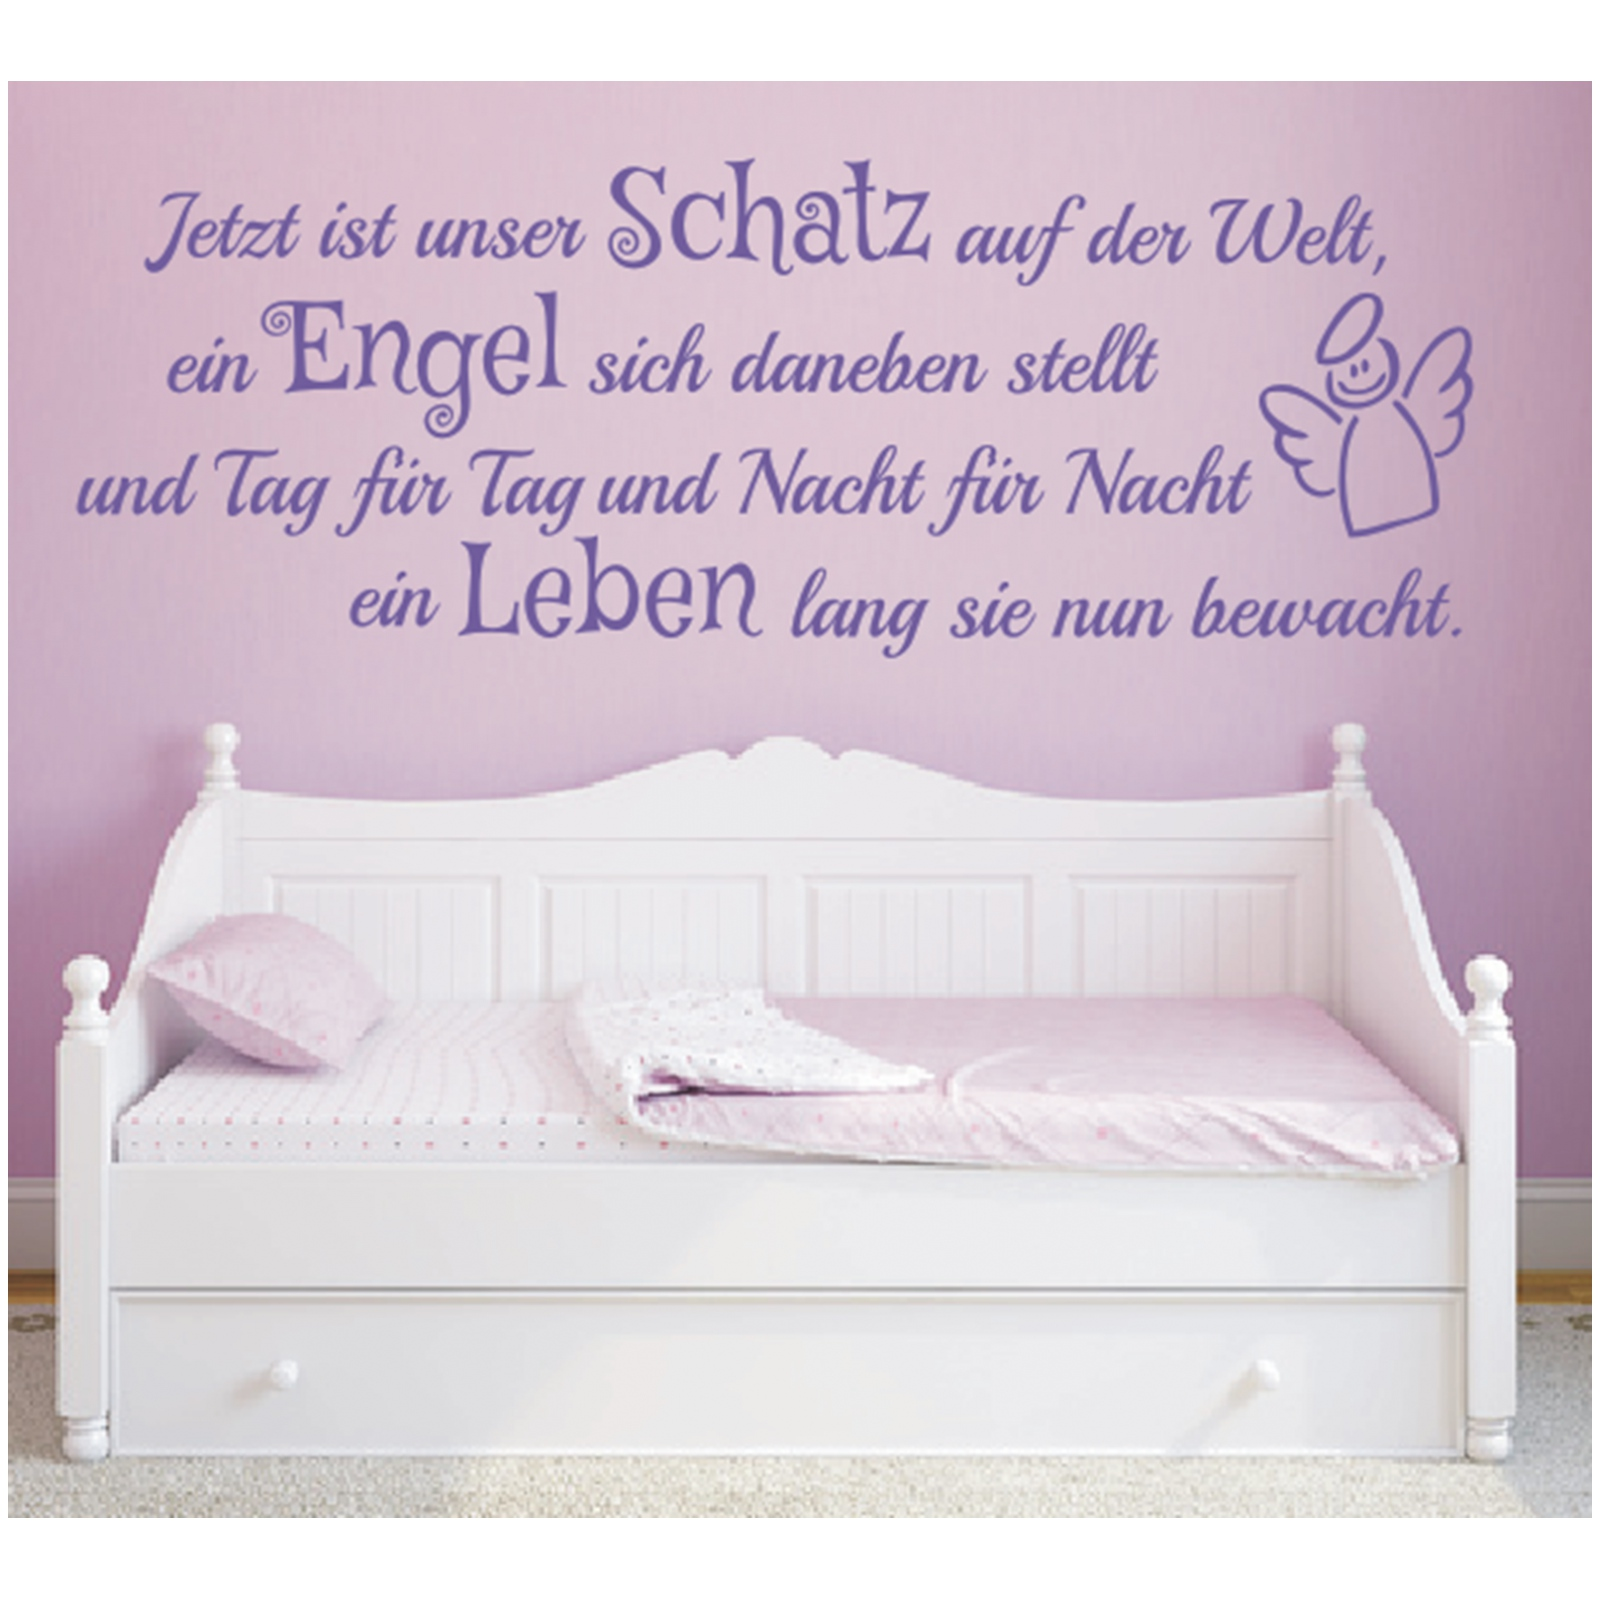 Wandtattoo Spruch Mädchen Geburt Engel Kind Leben Wandsticker Wandaufkleber 3 Ebay